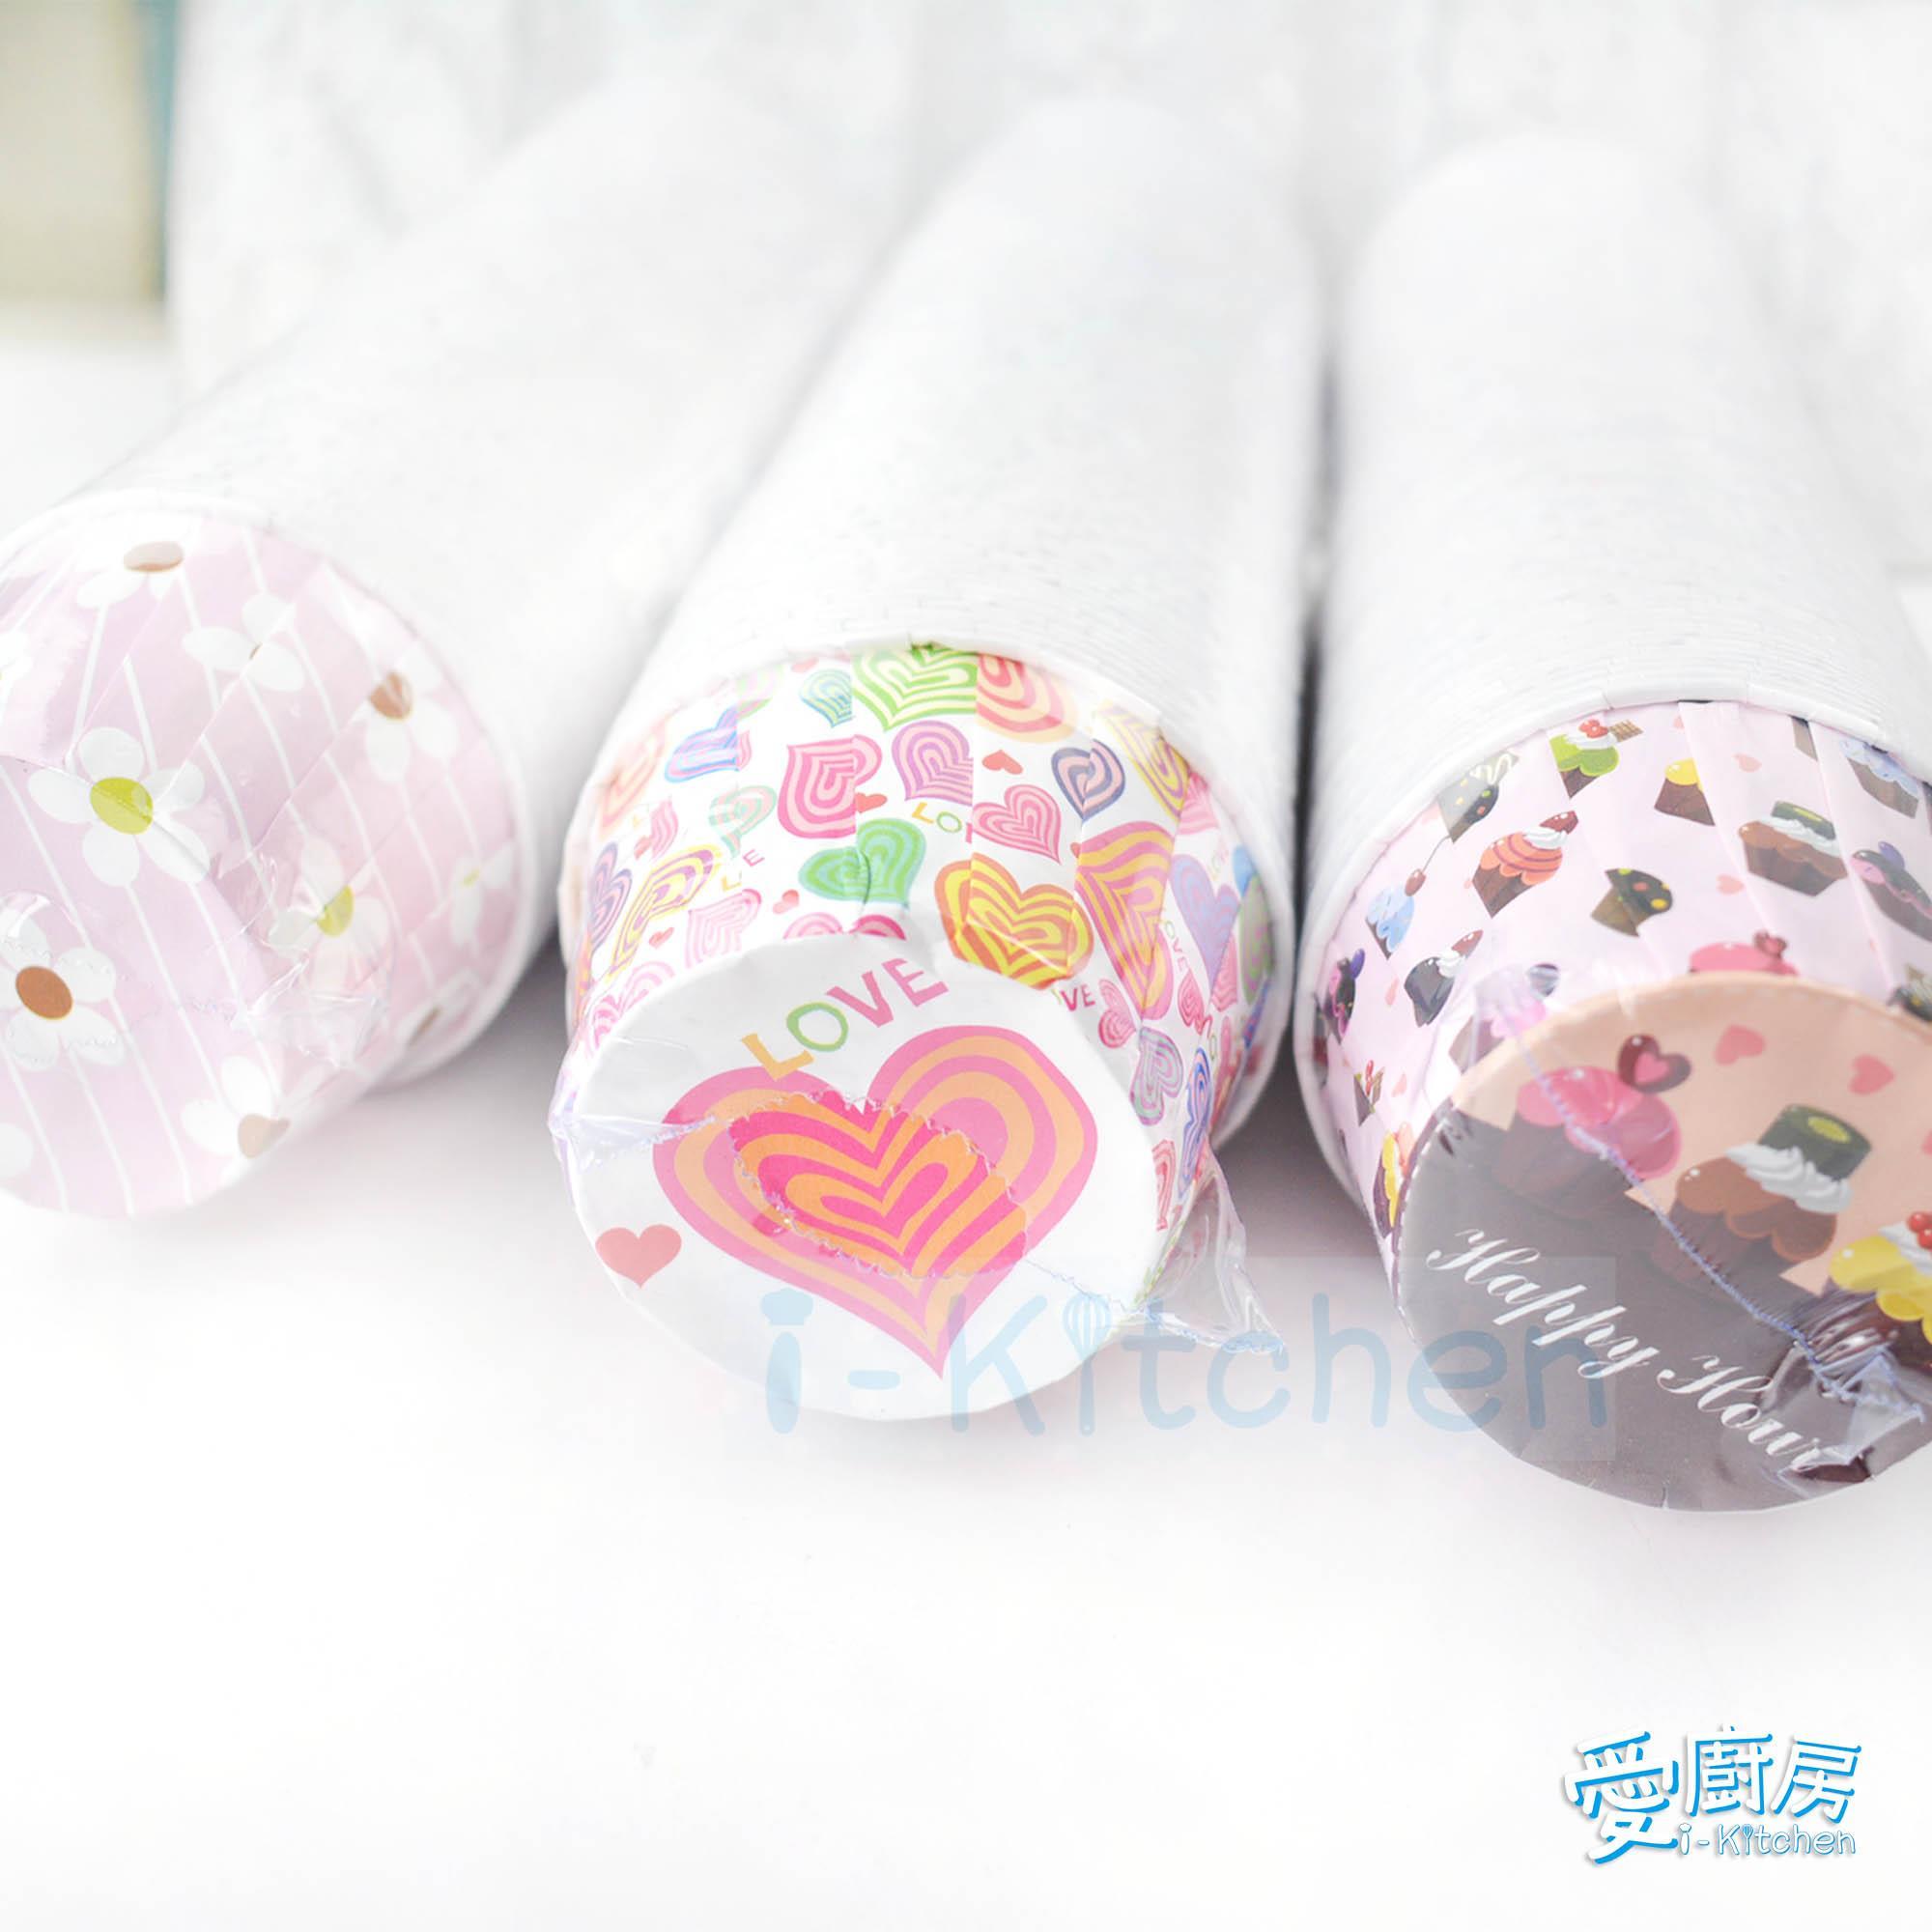 愛廚房~百卷杯 5039 100入捲口杯 粉紅花朵愛心小蛋糕 捲邊杯 瑪芬杯 百摺捲杯 蛋